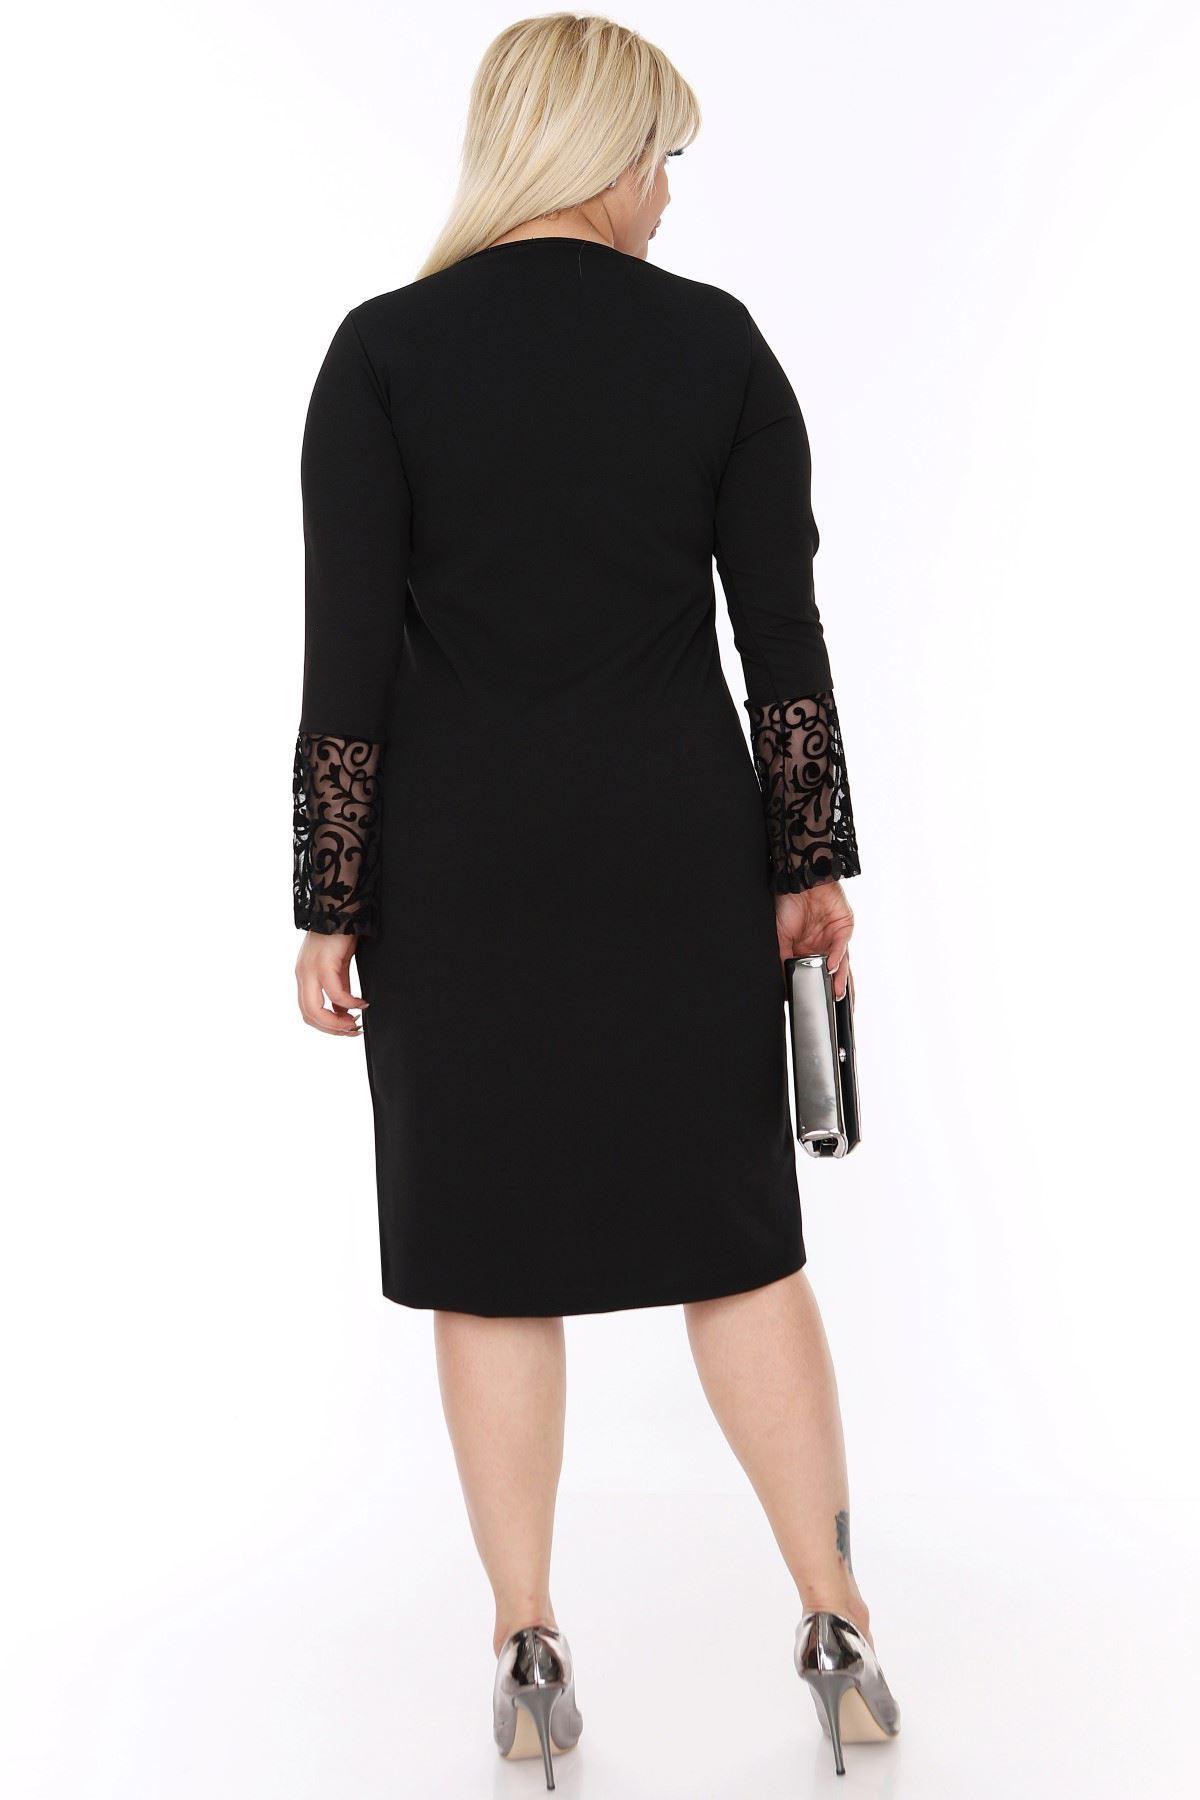 İspanyol Kol Siyah Elbise 4D-88249